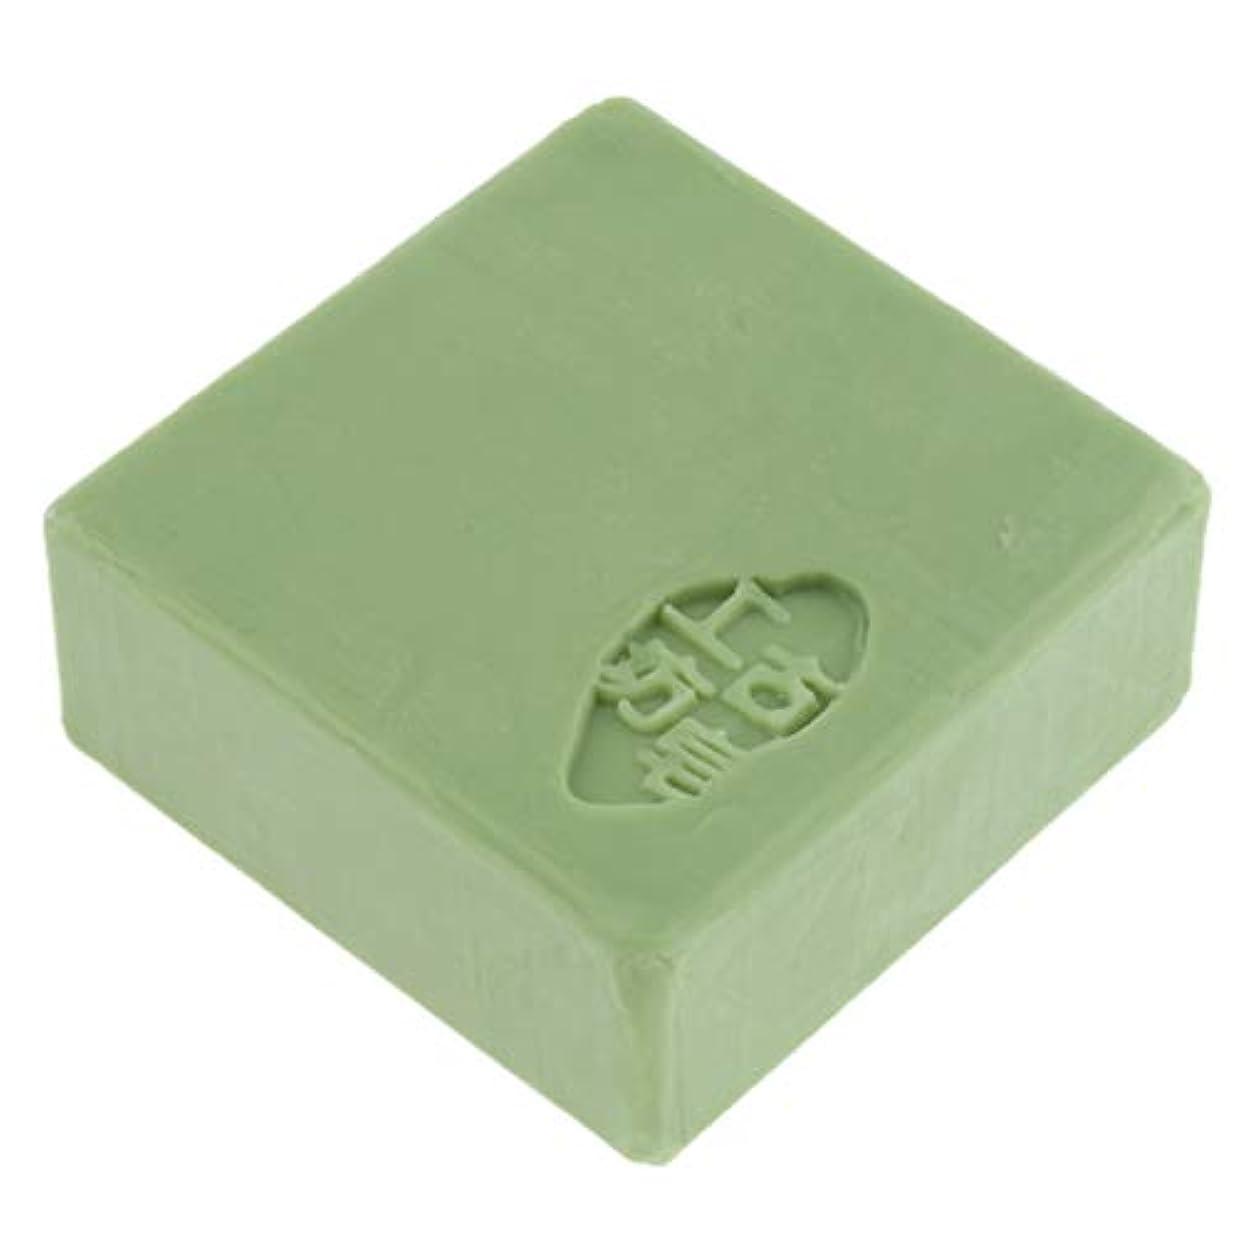 さびたケージ飛躍FLAMEER フェイスソープ ボディソープ スキンケア 石鹸 メイク落とし 全3色 - 緑